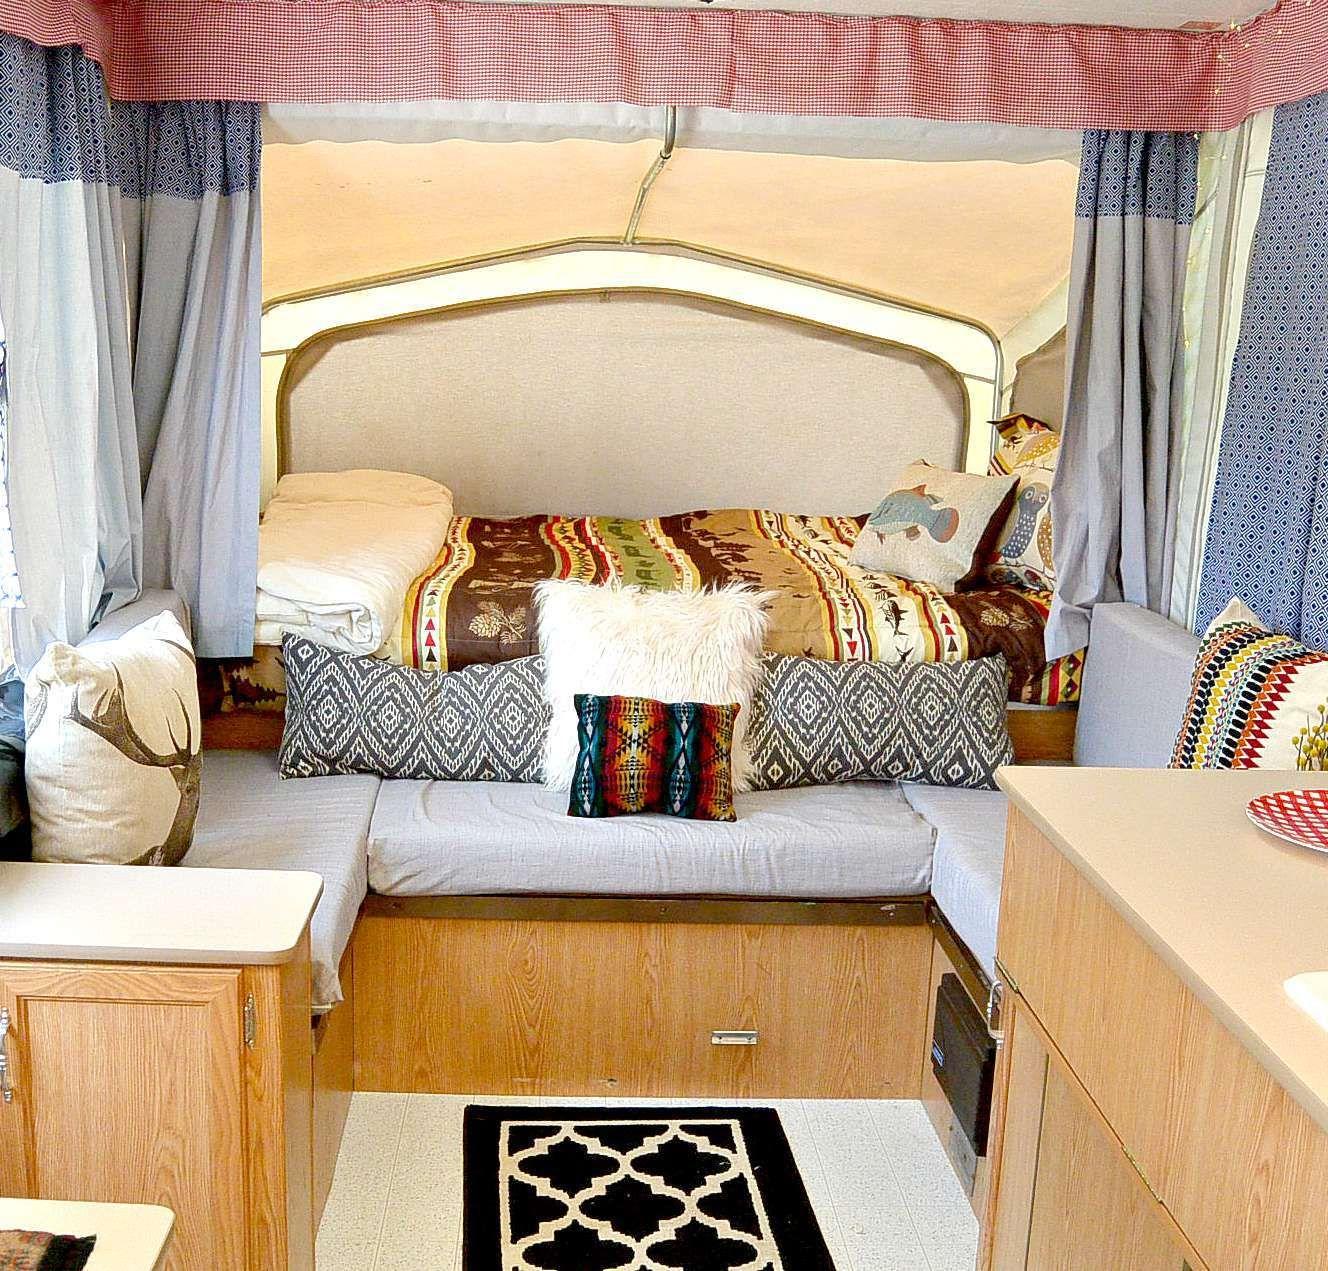 Popup Camper Remodel Campers Pinterest Oak Cabinets